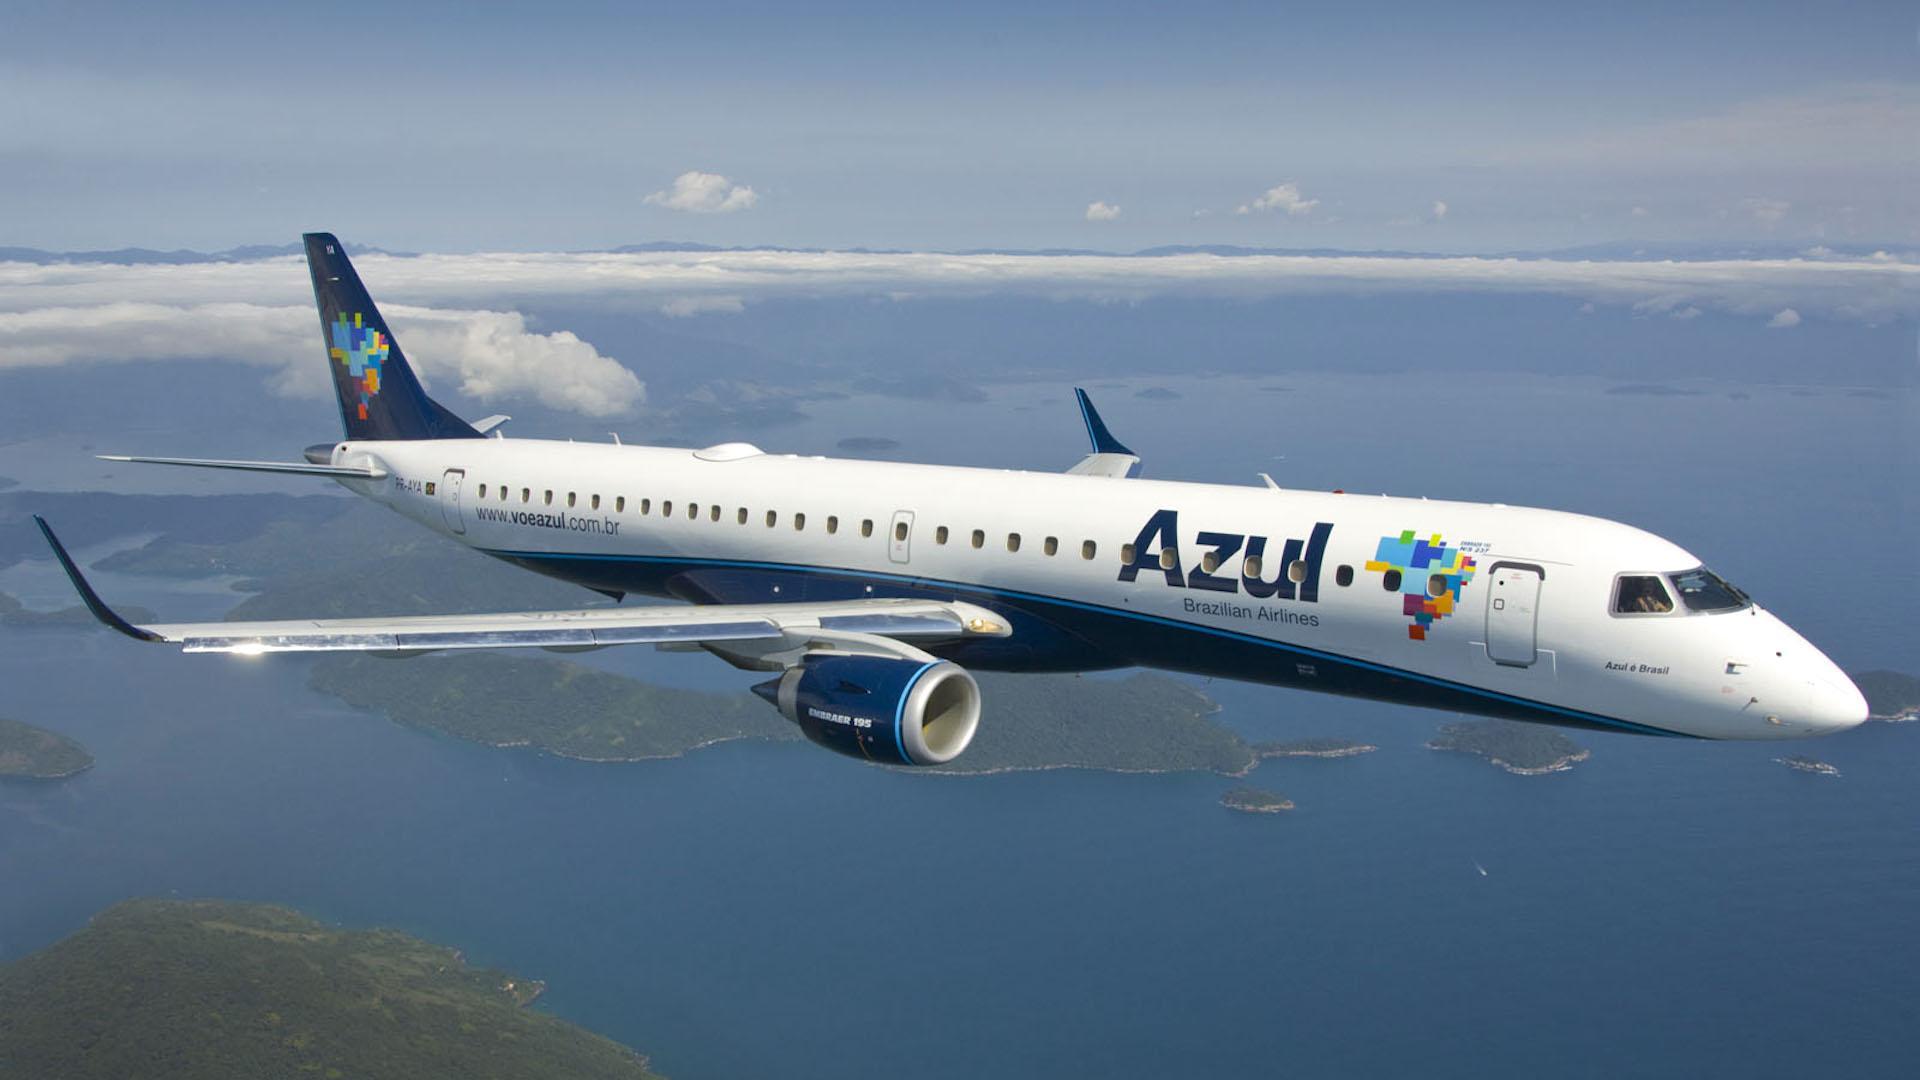 La aerolínea lowcost Azul desembarca en Argentina desde febrero de 2017